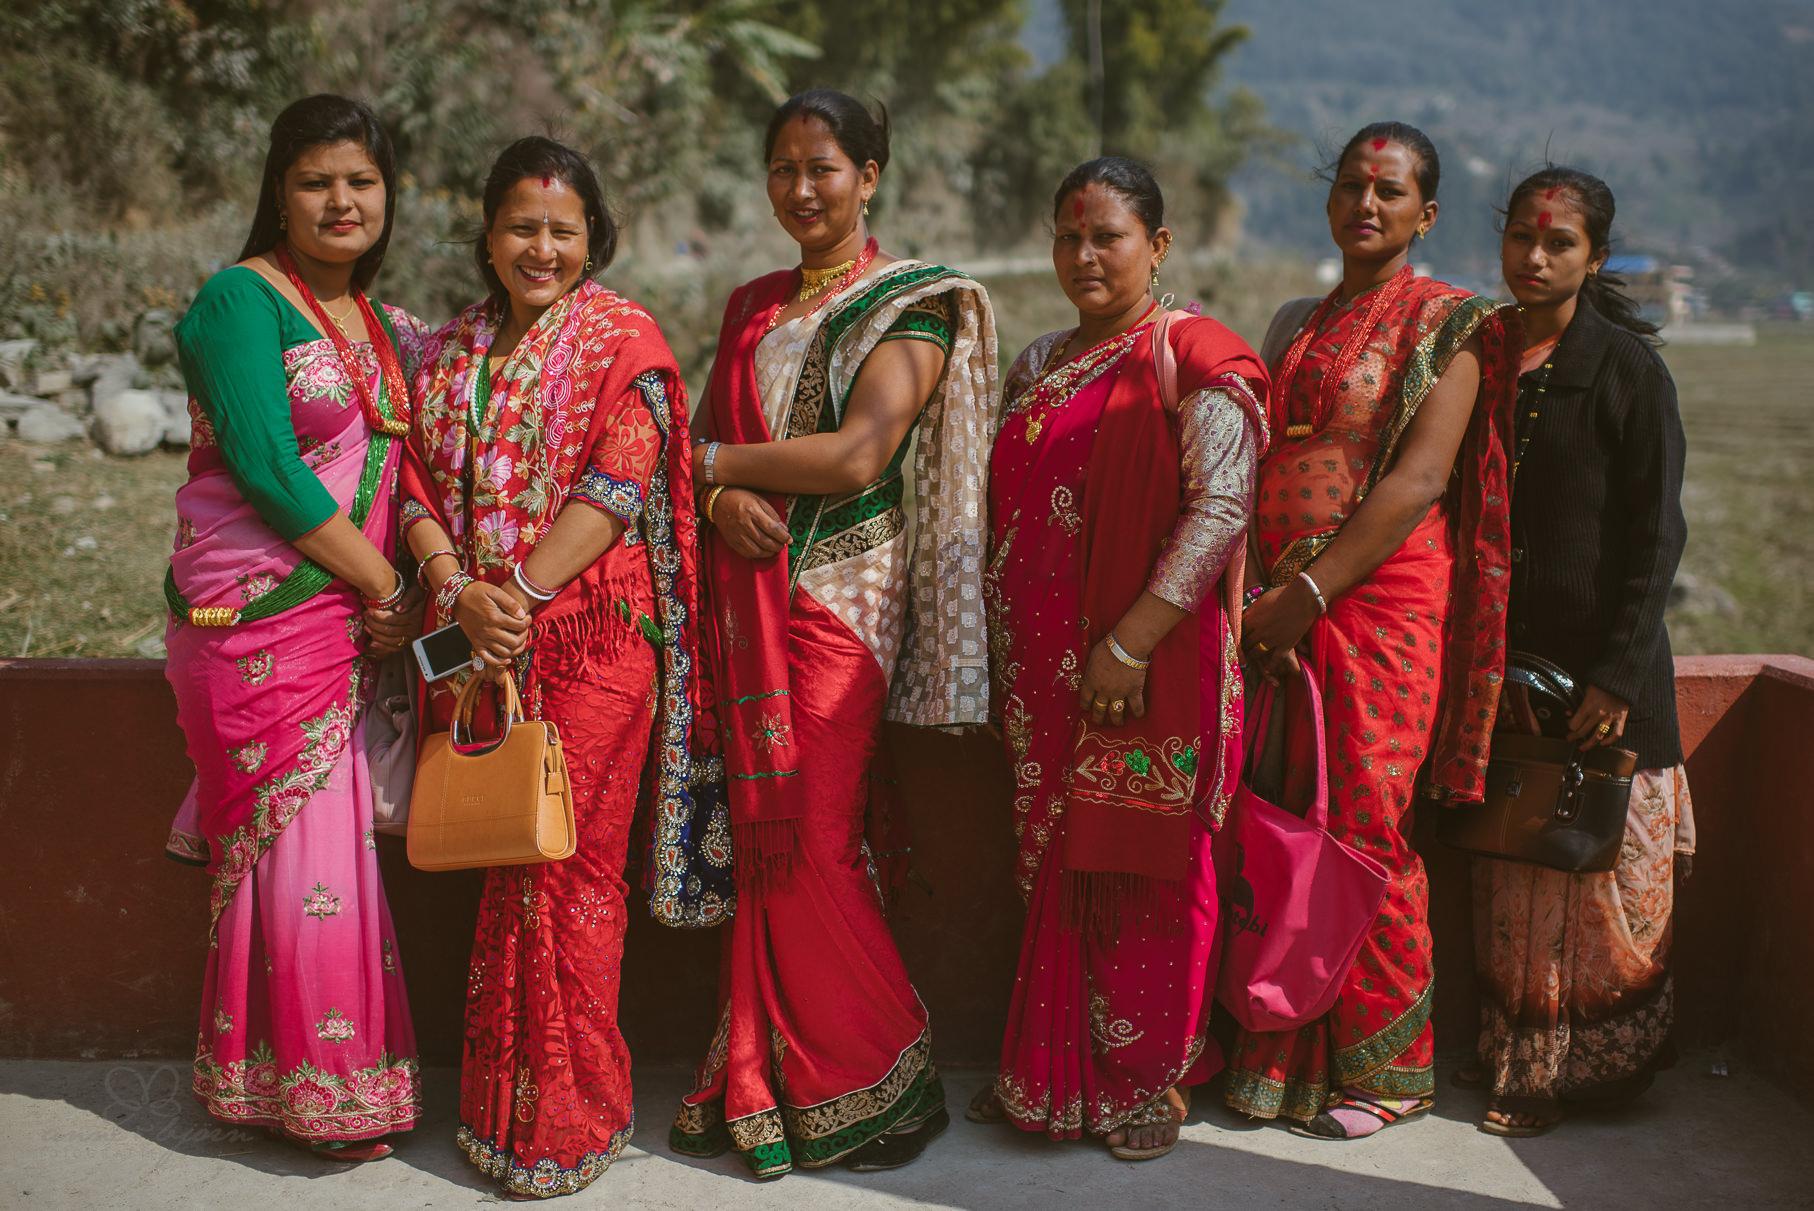 0021 anne und bjoern chitwan nationalpark nepal d75 3606 2 - Nepal Teil 3 - Roadtrip, Chitwan Nationalpark und eine spontane Hochzeit